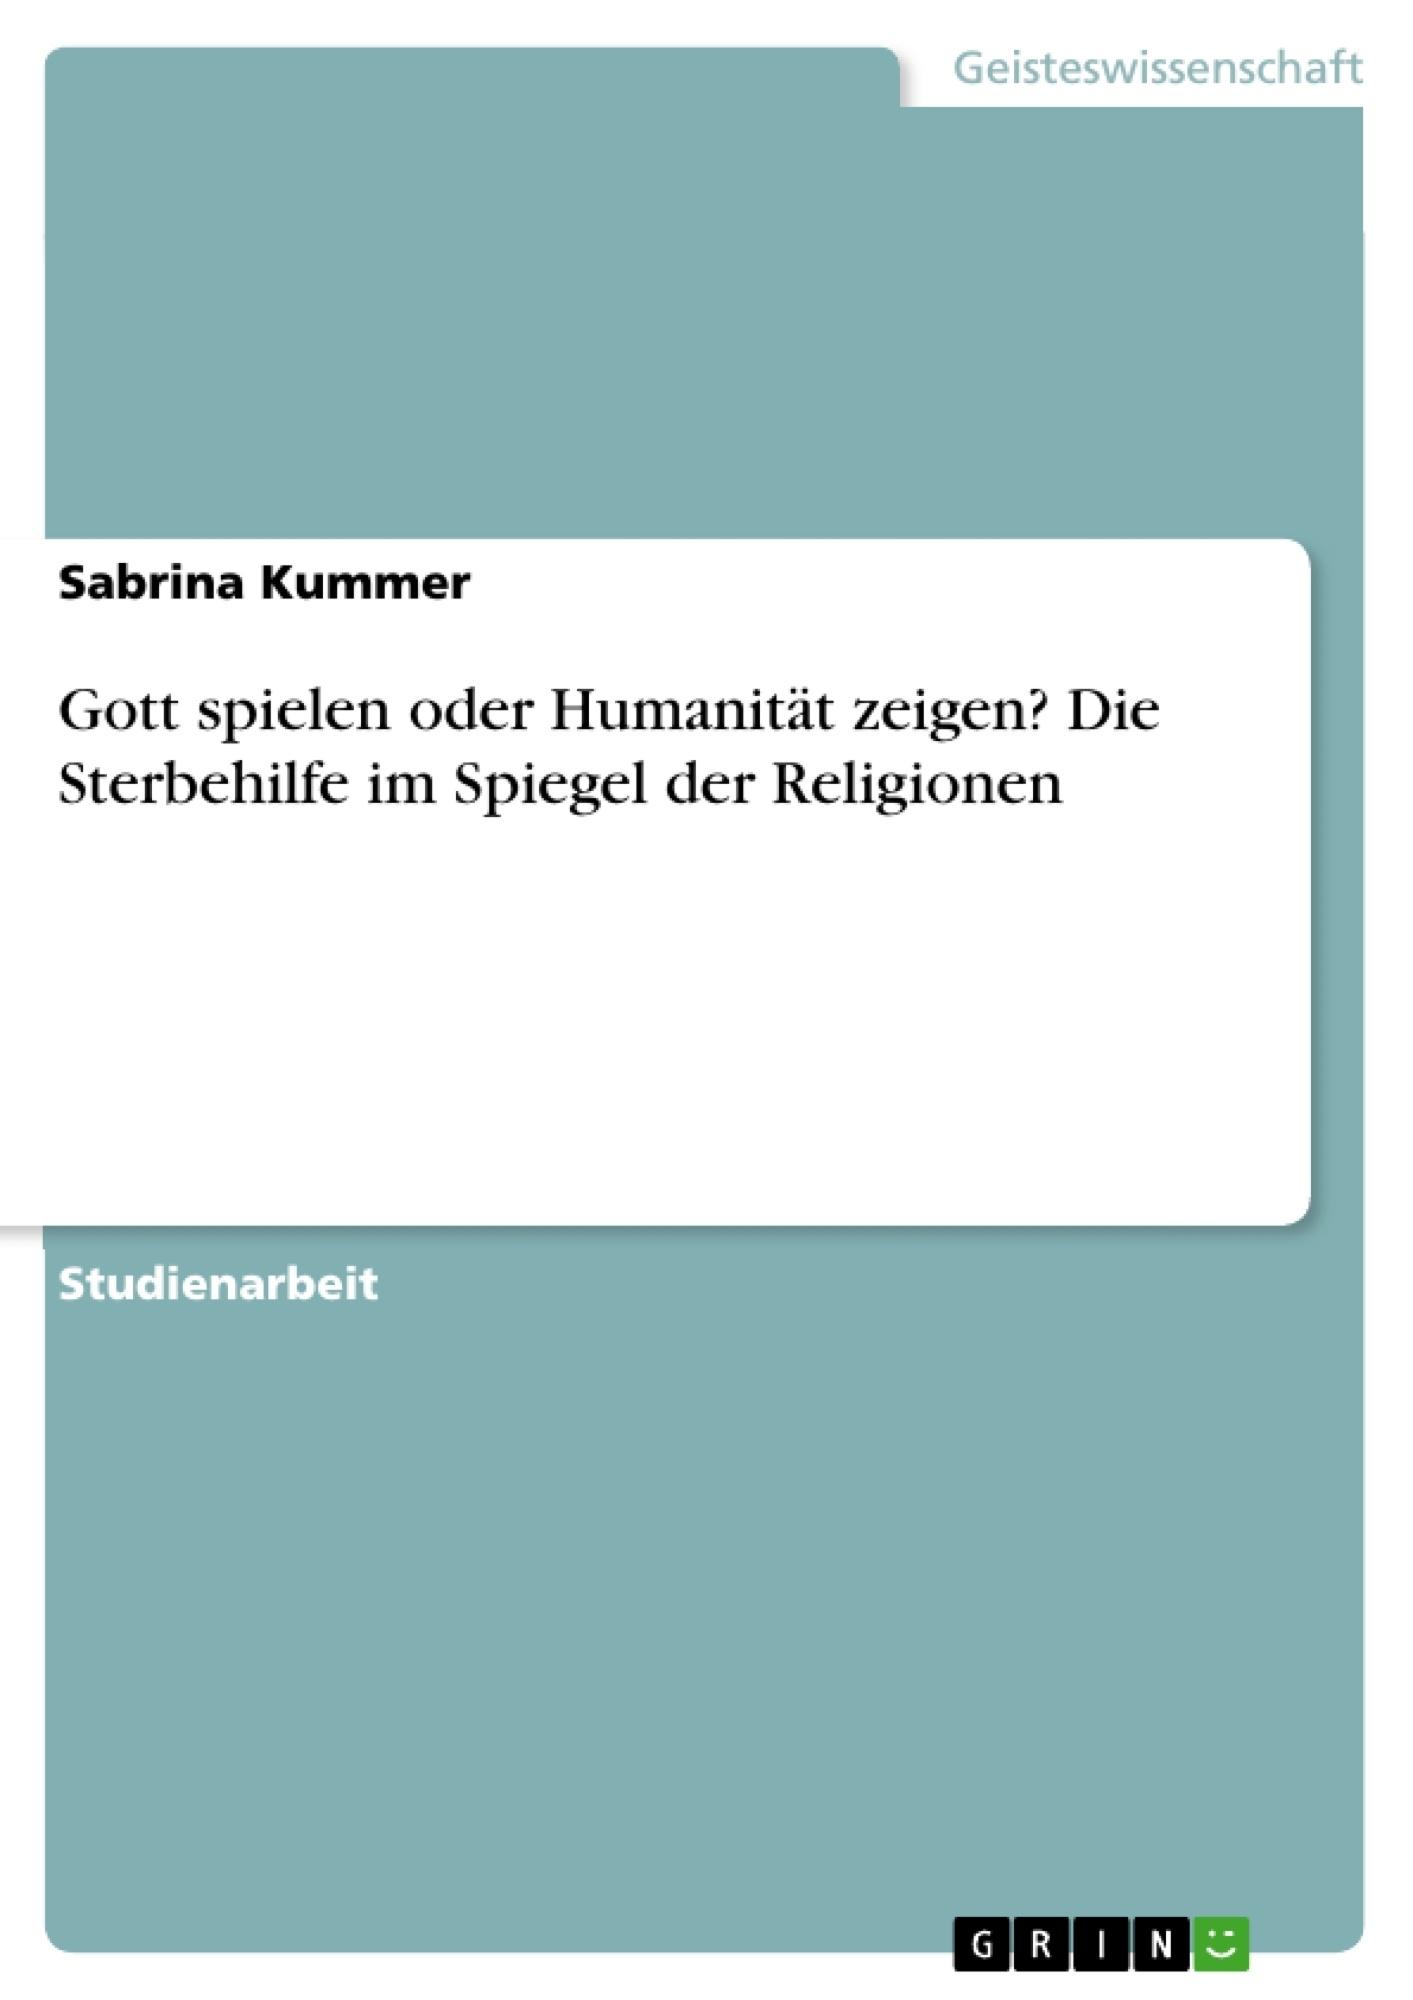 Titel: Gott spielen oder Humanität zeigen? Die Sterbehilfe im Spiegel der Religionen